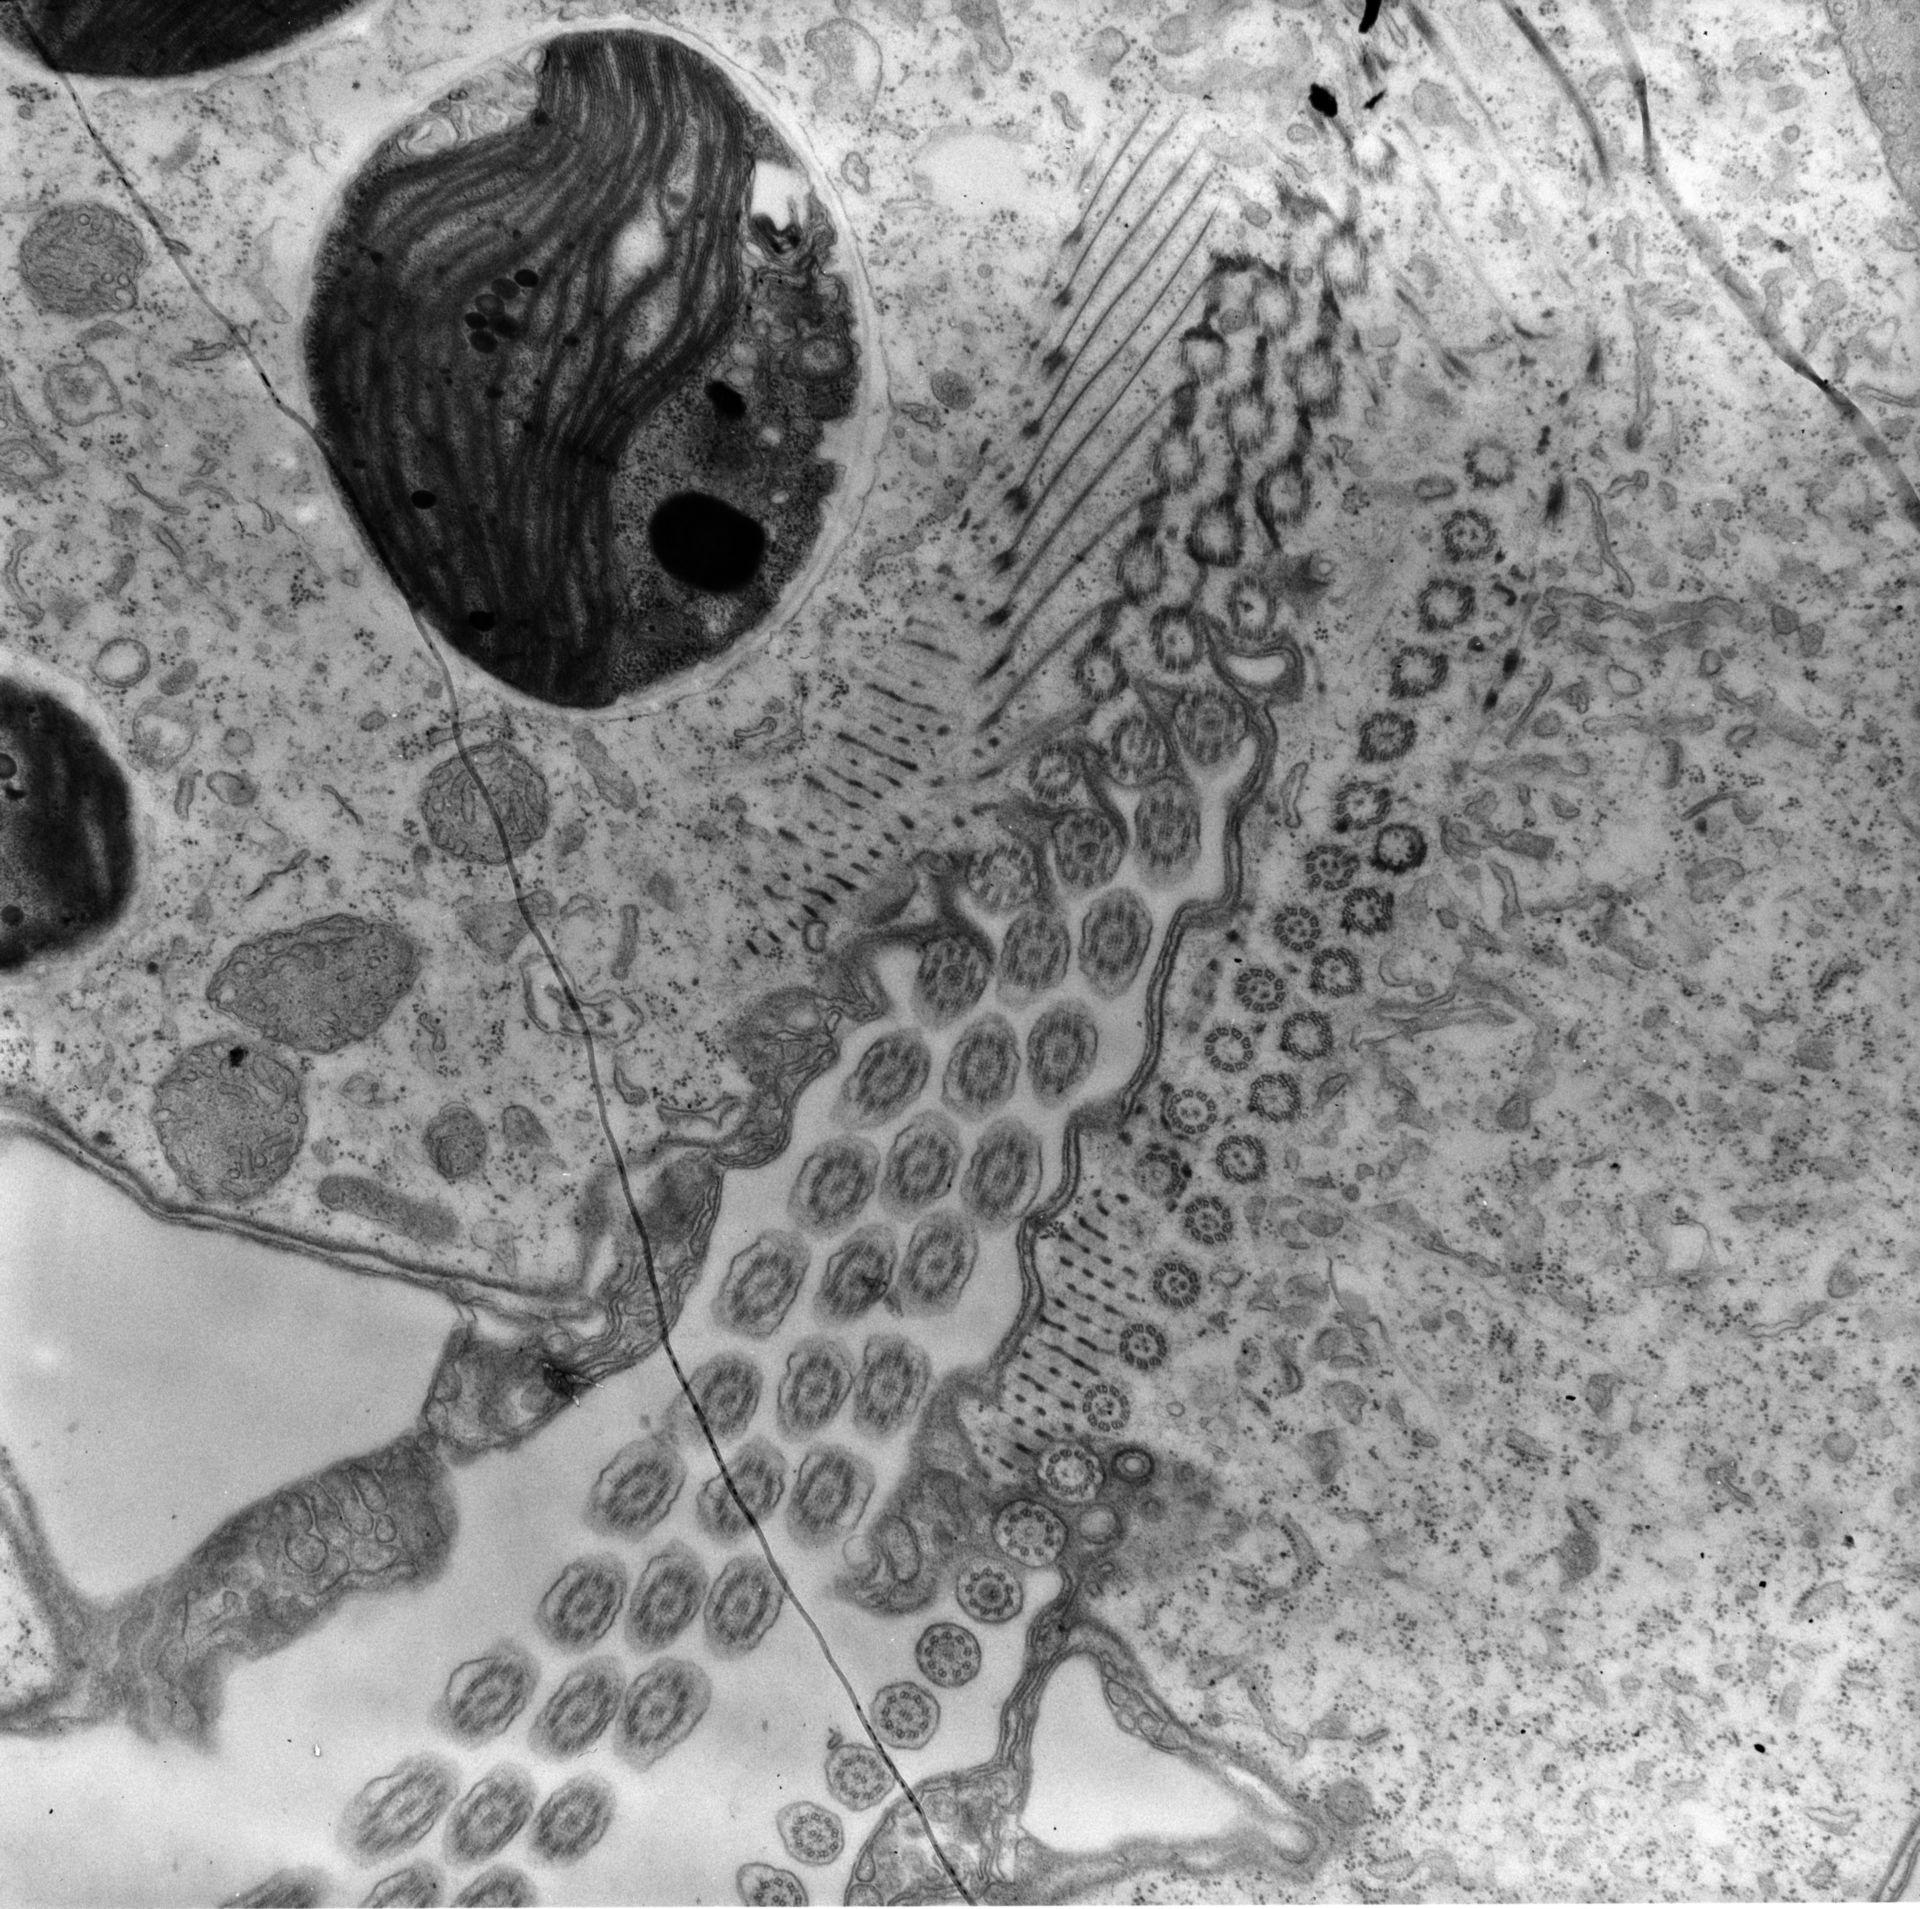 Chlorella (cilia) - CIL:25689